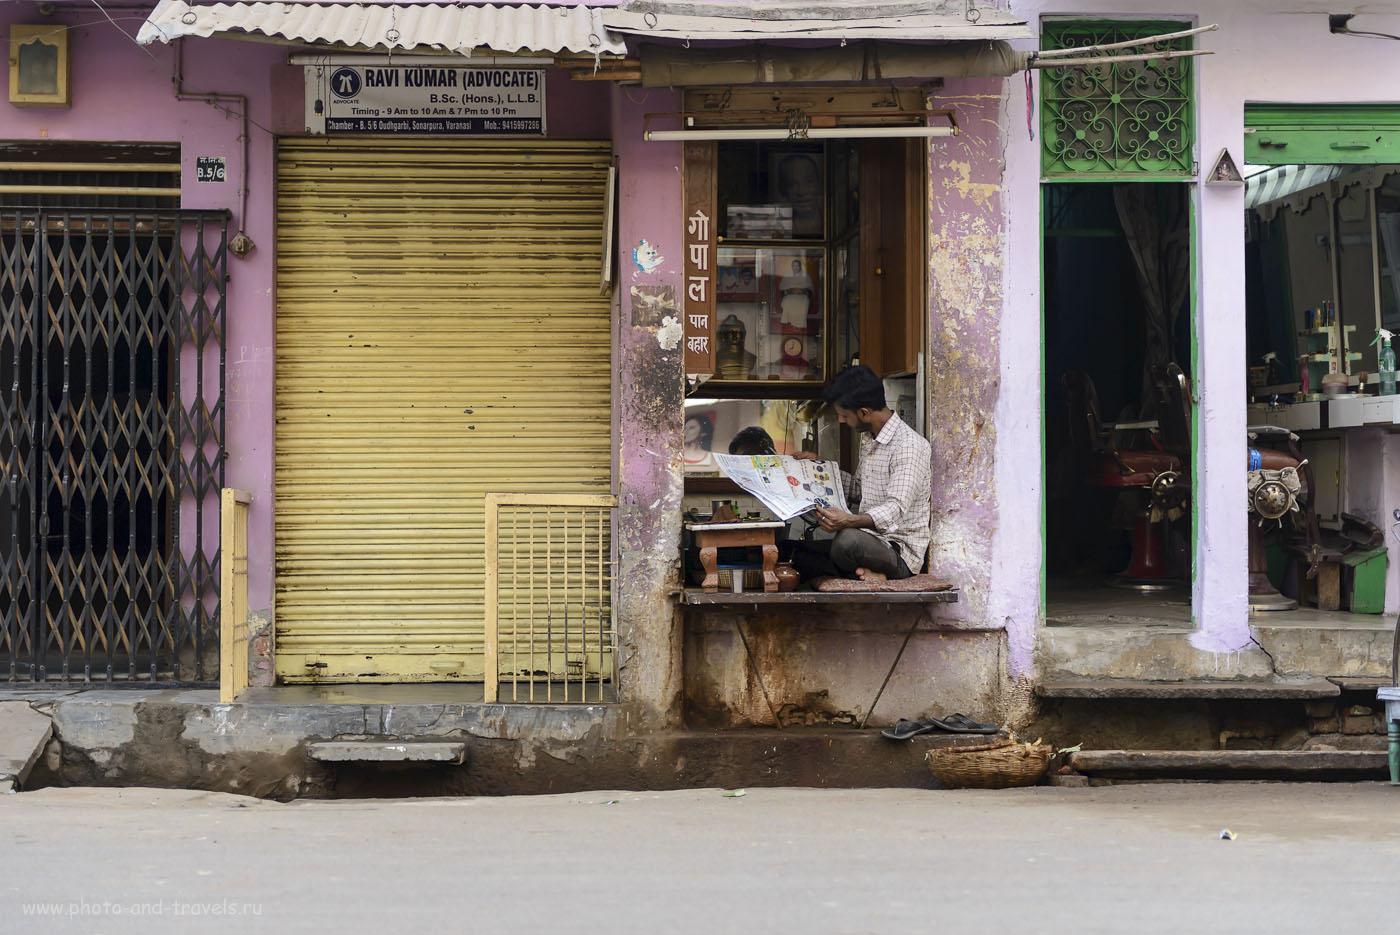 Фотография 17. Сосед адвоката Рави Кумар читает утреннюю газету. Отчет о поездке в Варанаси. 1/320, 2.8, 250, 58.